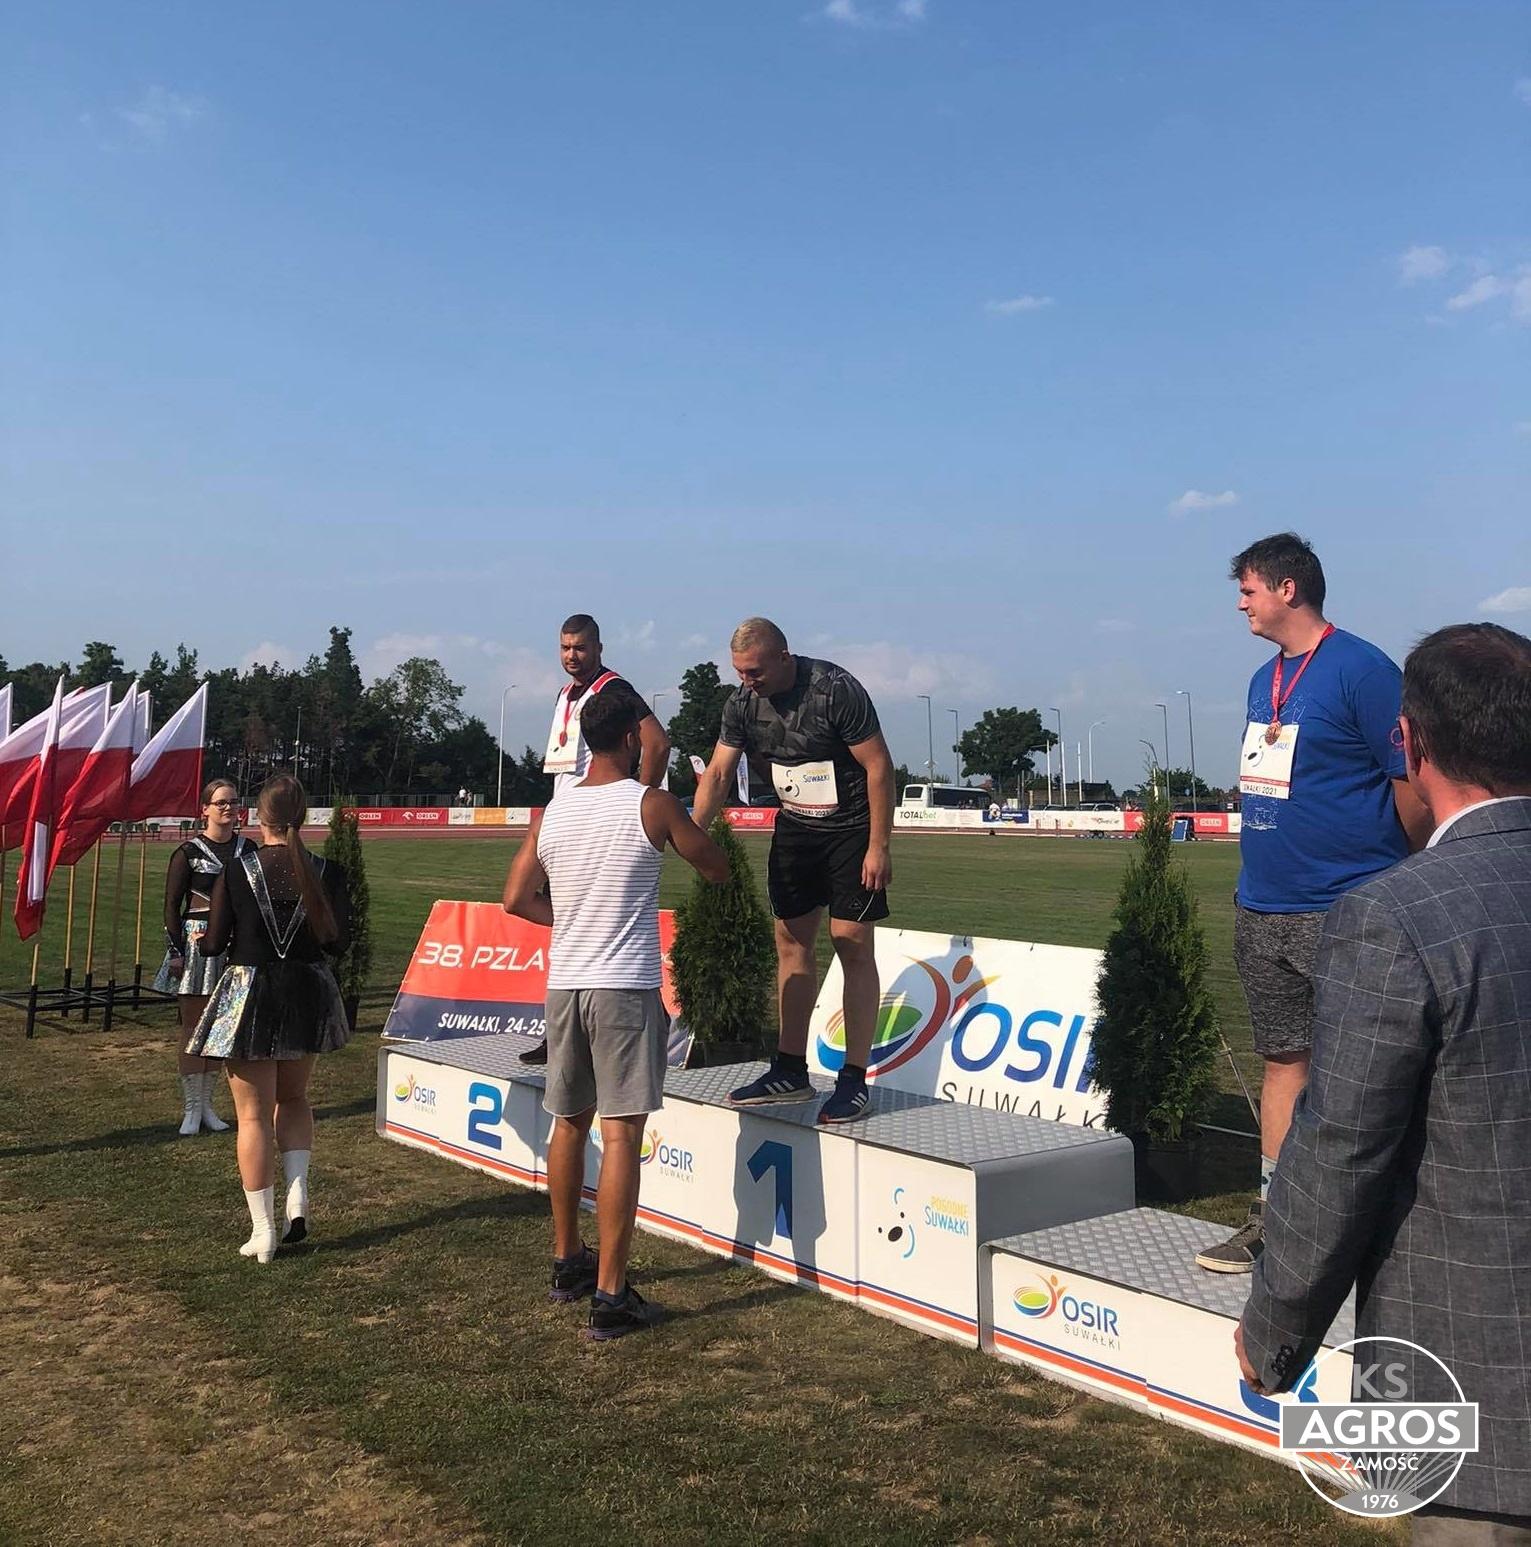 222053975 330835435416897 5247967543972995151 n Medaliści Mistrzostw Polski!